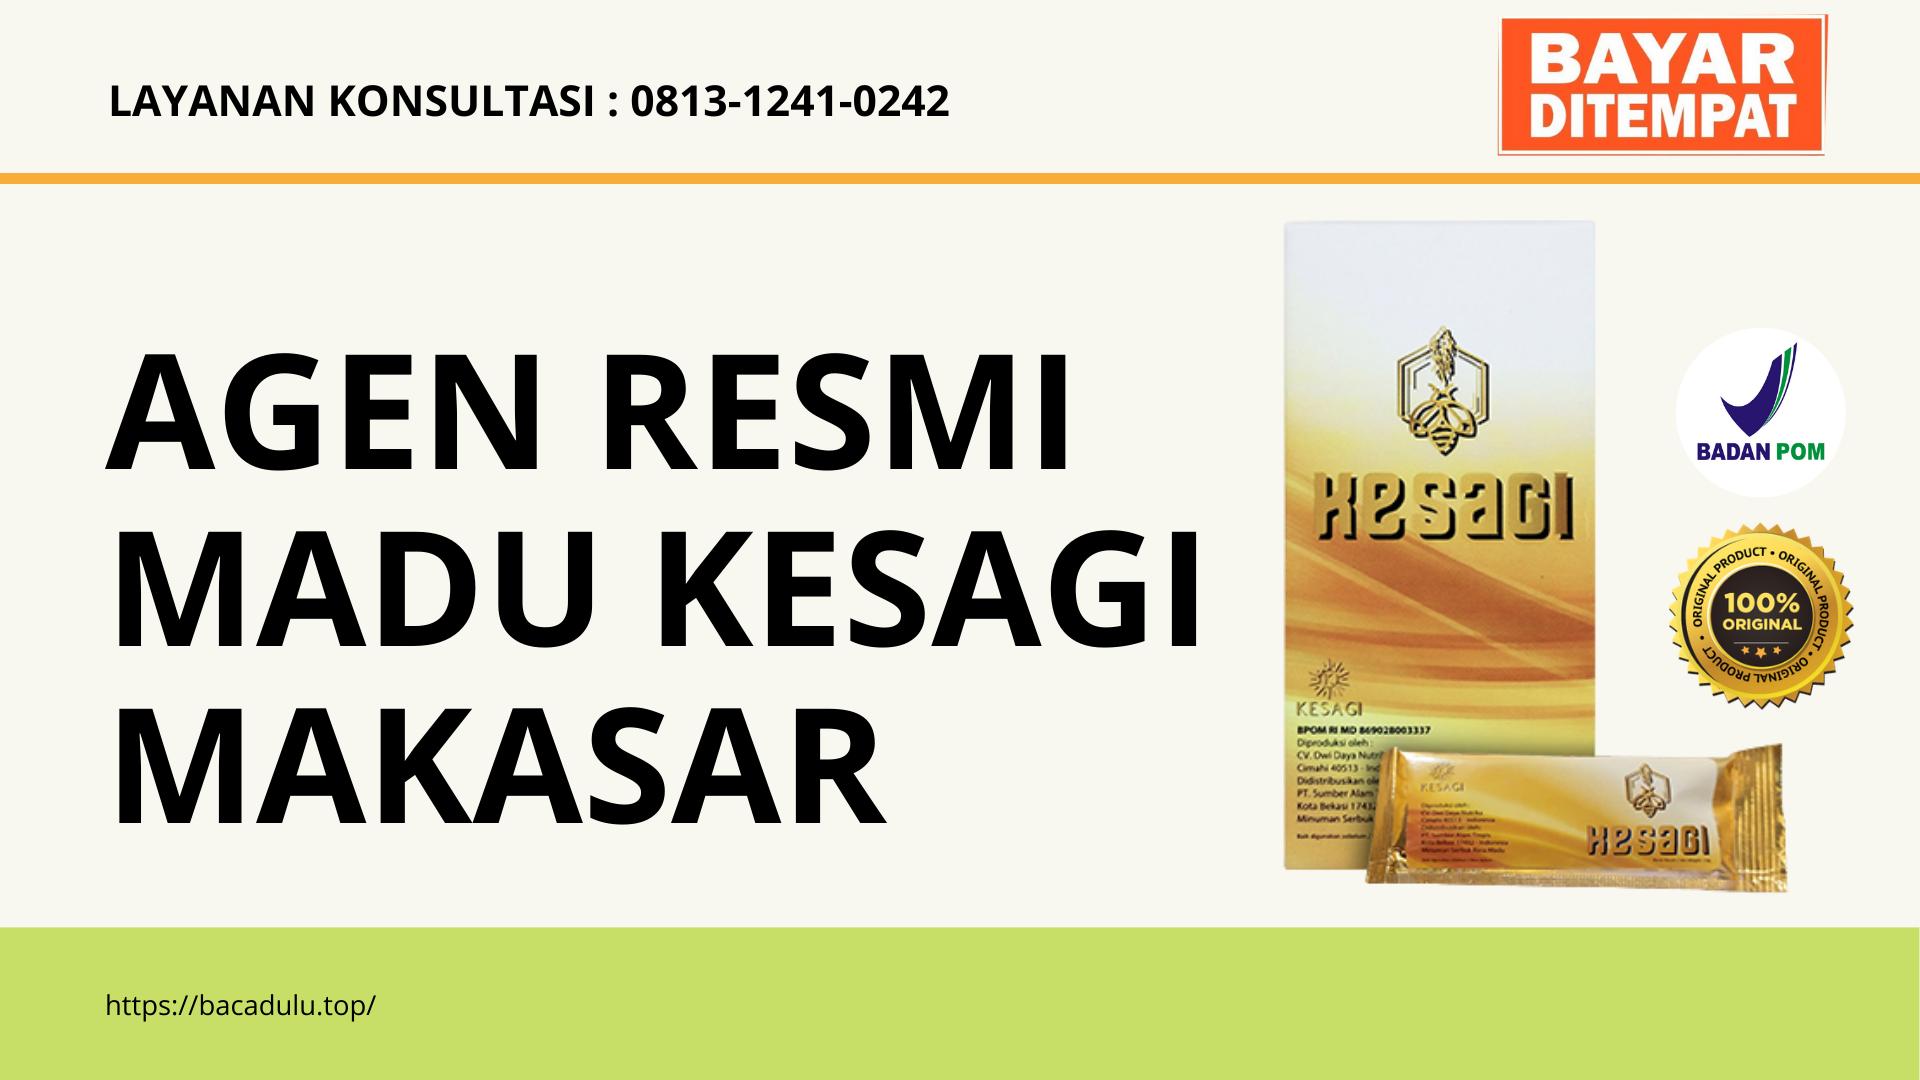 Kesagi Makassar